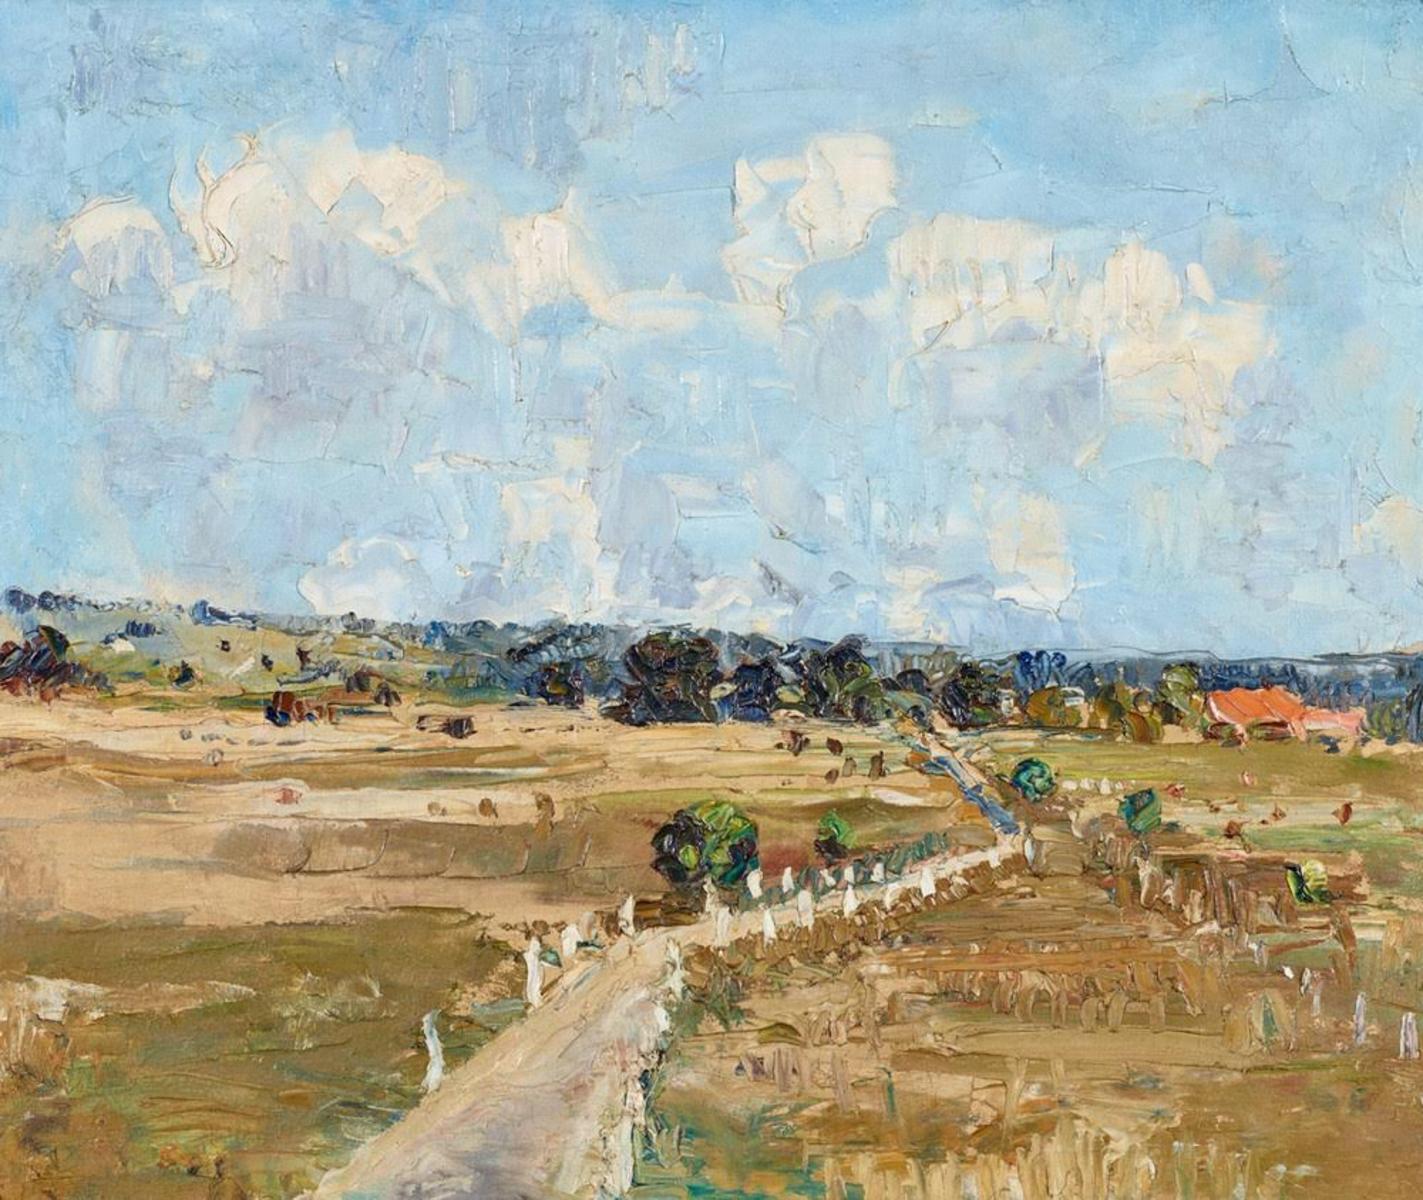 Rosebud Landscape, (1937-39)